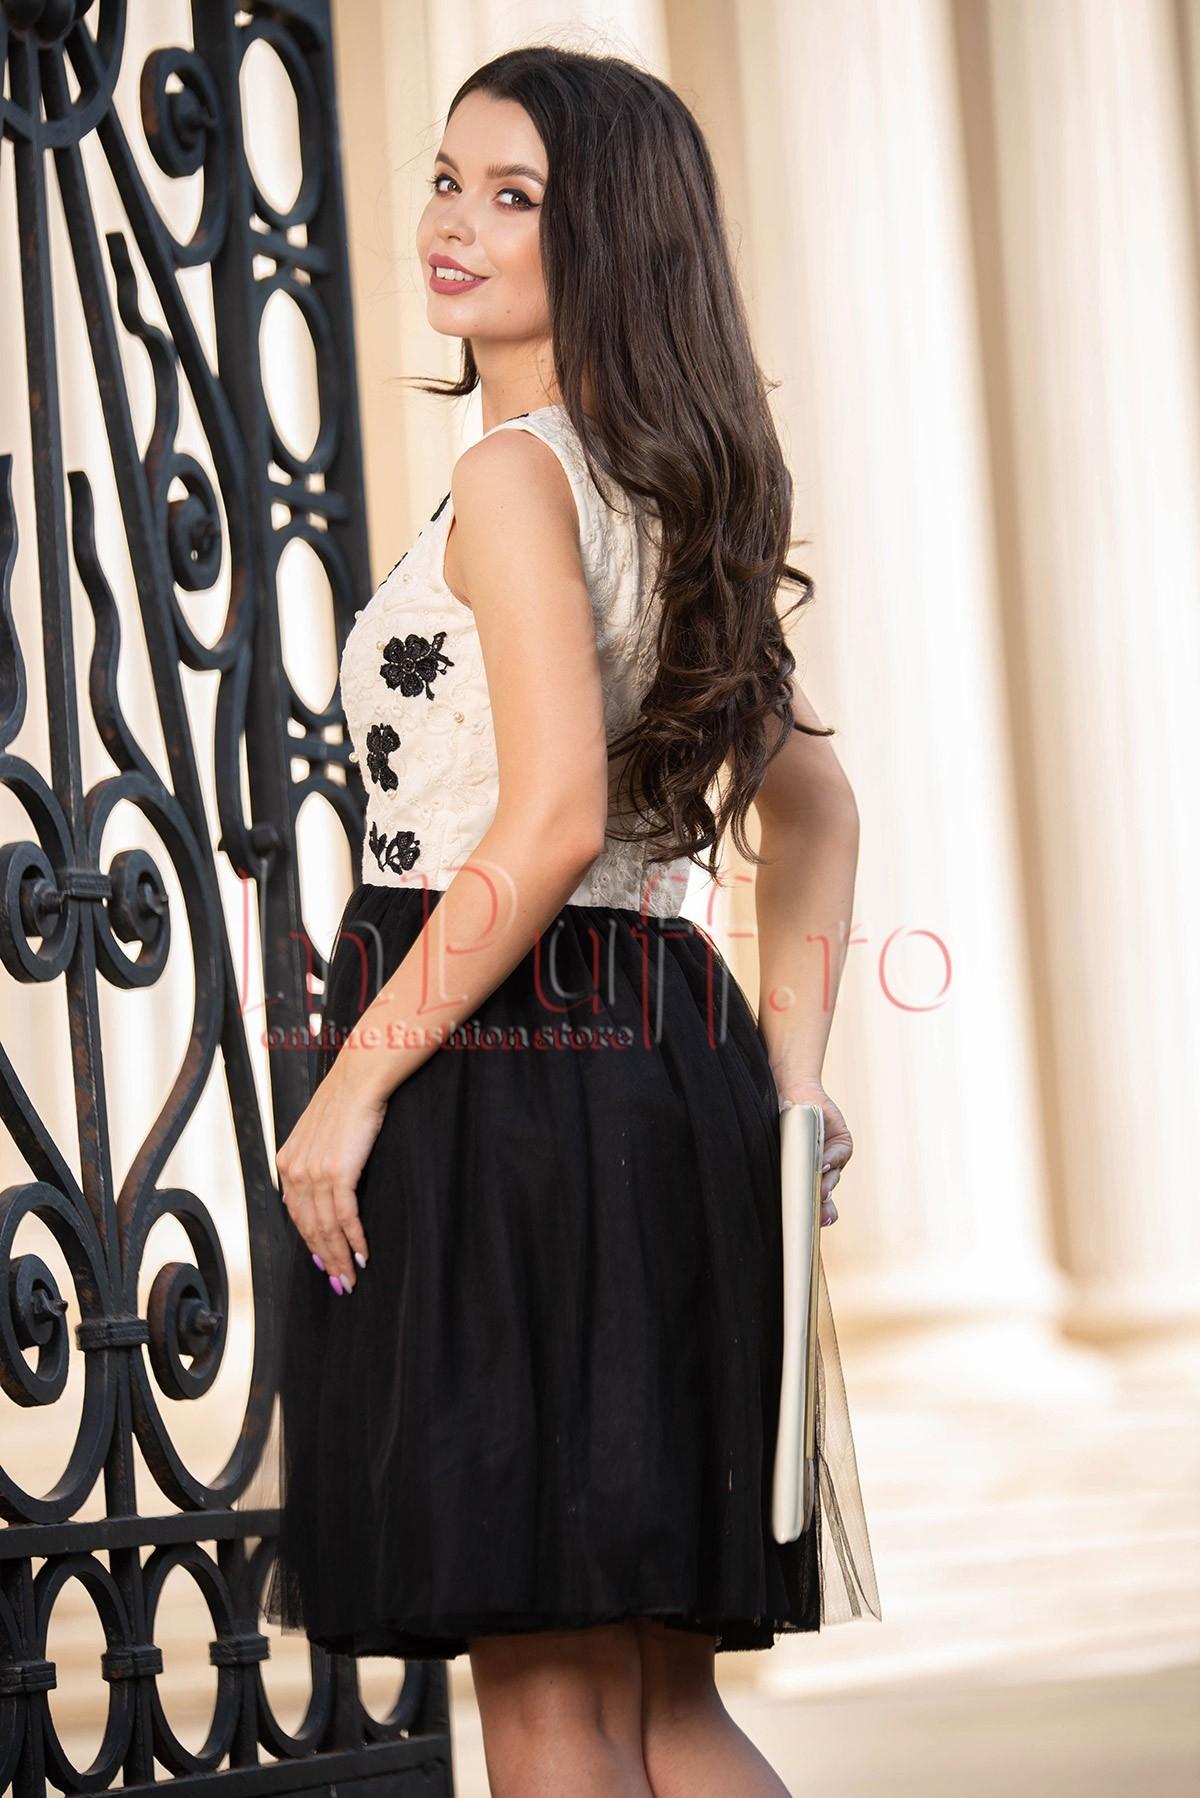 Rochie de seara baby doll tul negru cu broderie crem